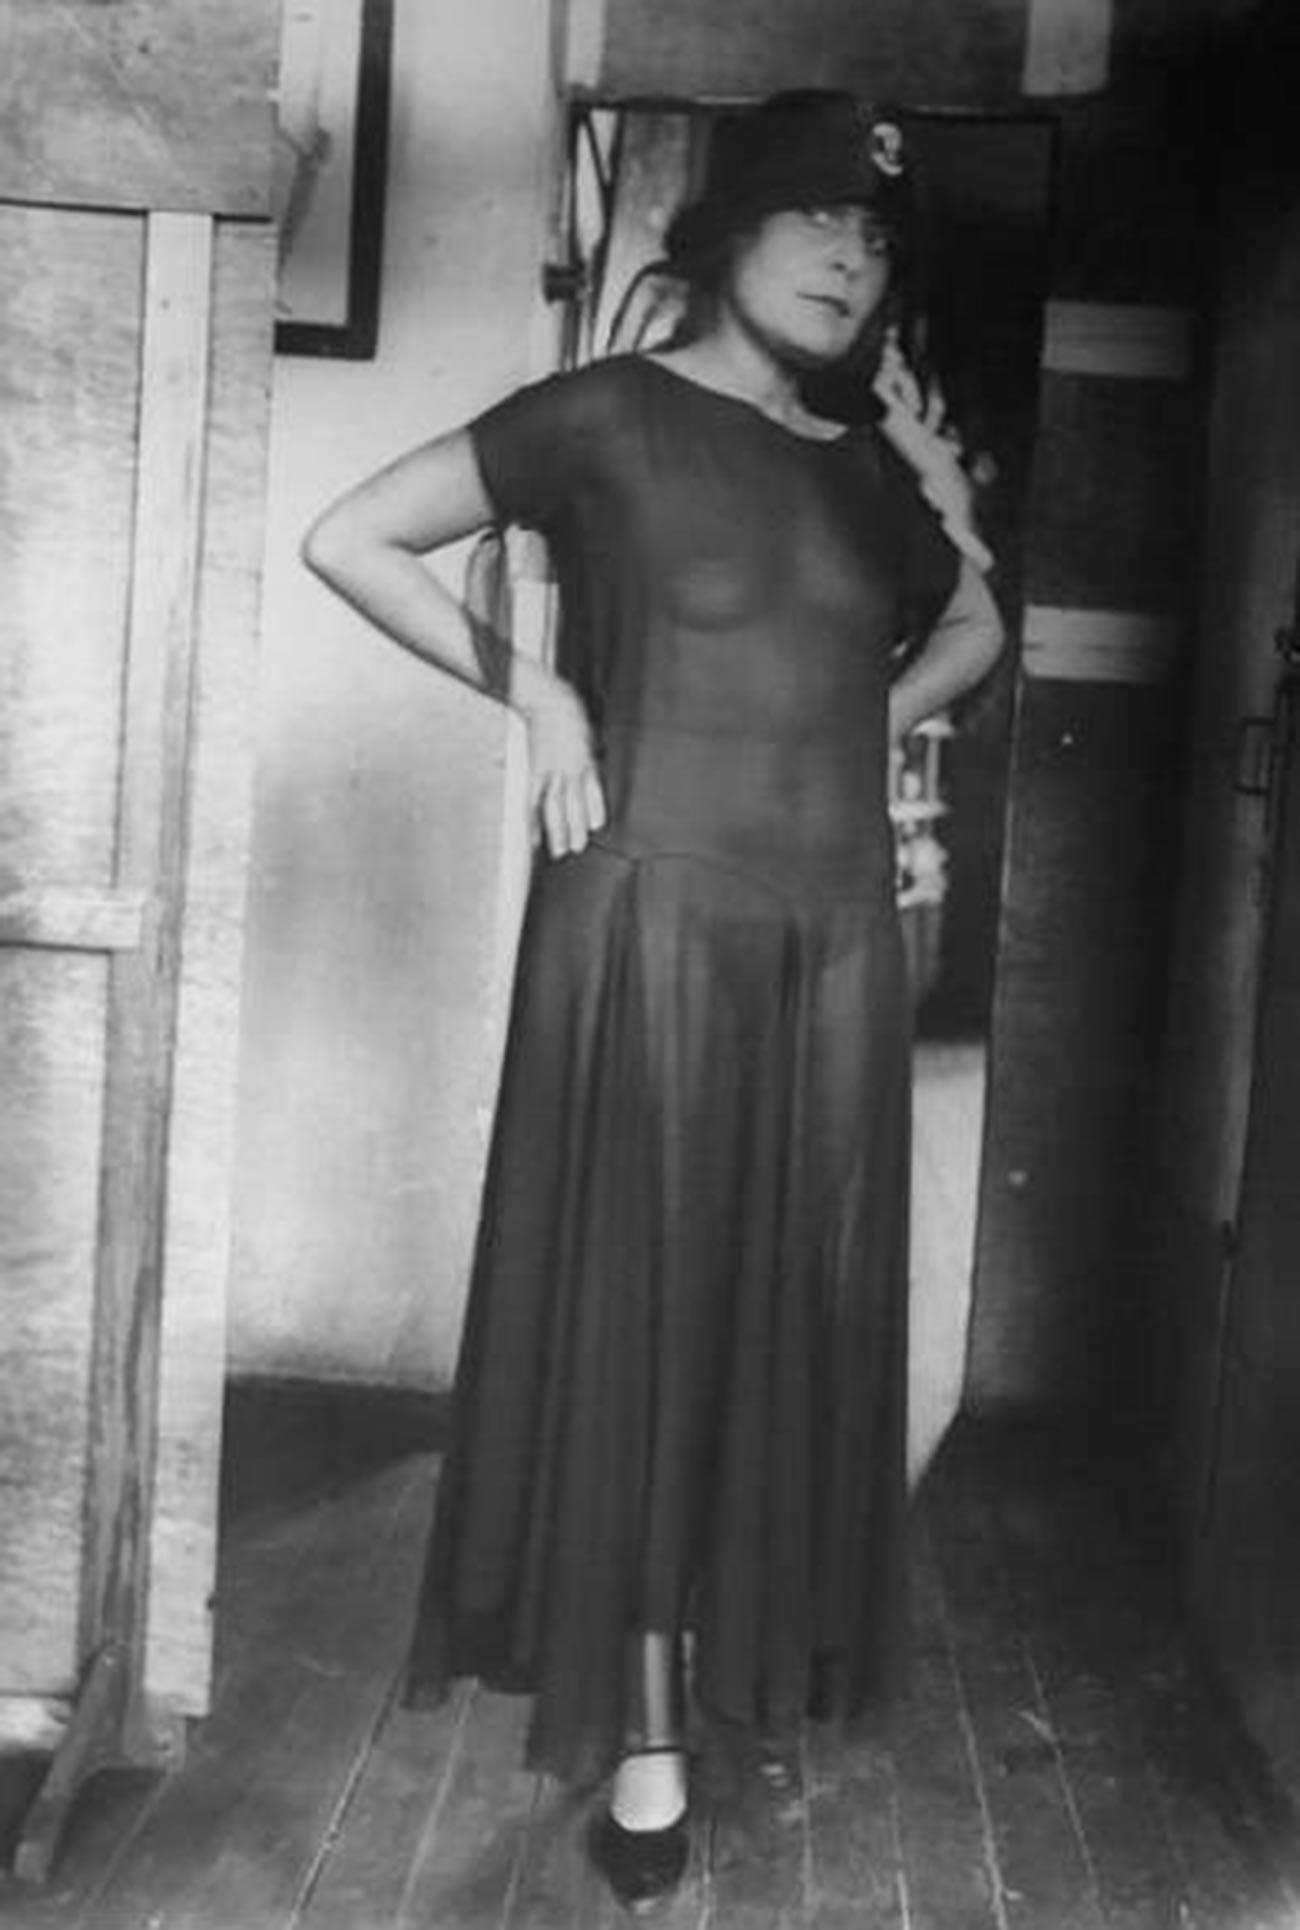 詩人ウラジーミル・マヤコフスキーのミューズ、リーリャ・ブリック、透けたドレスを身につけて。1924年